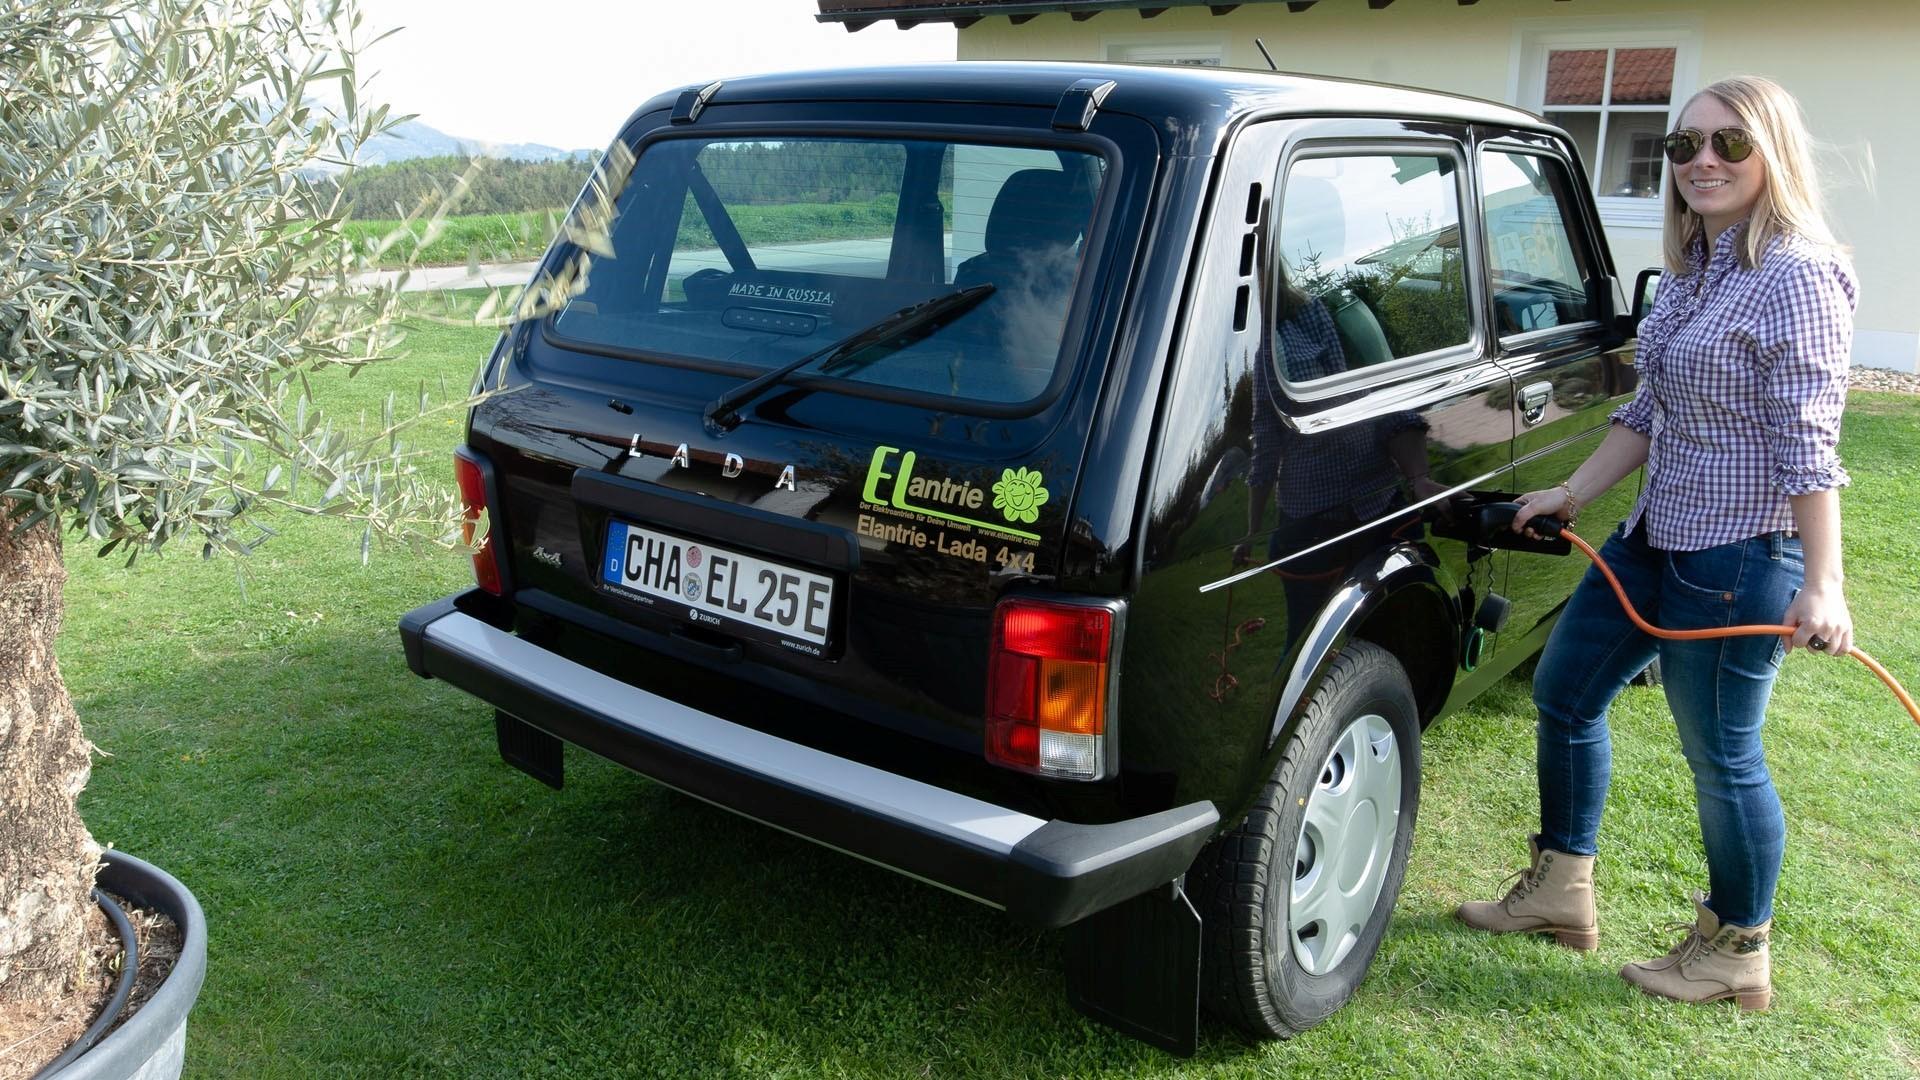 Бюджетный подход: Lada Niva превратилась в электромобиль, но часть ДВС у неё осталась!